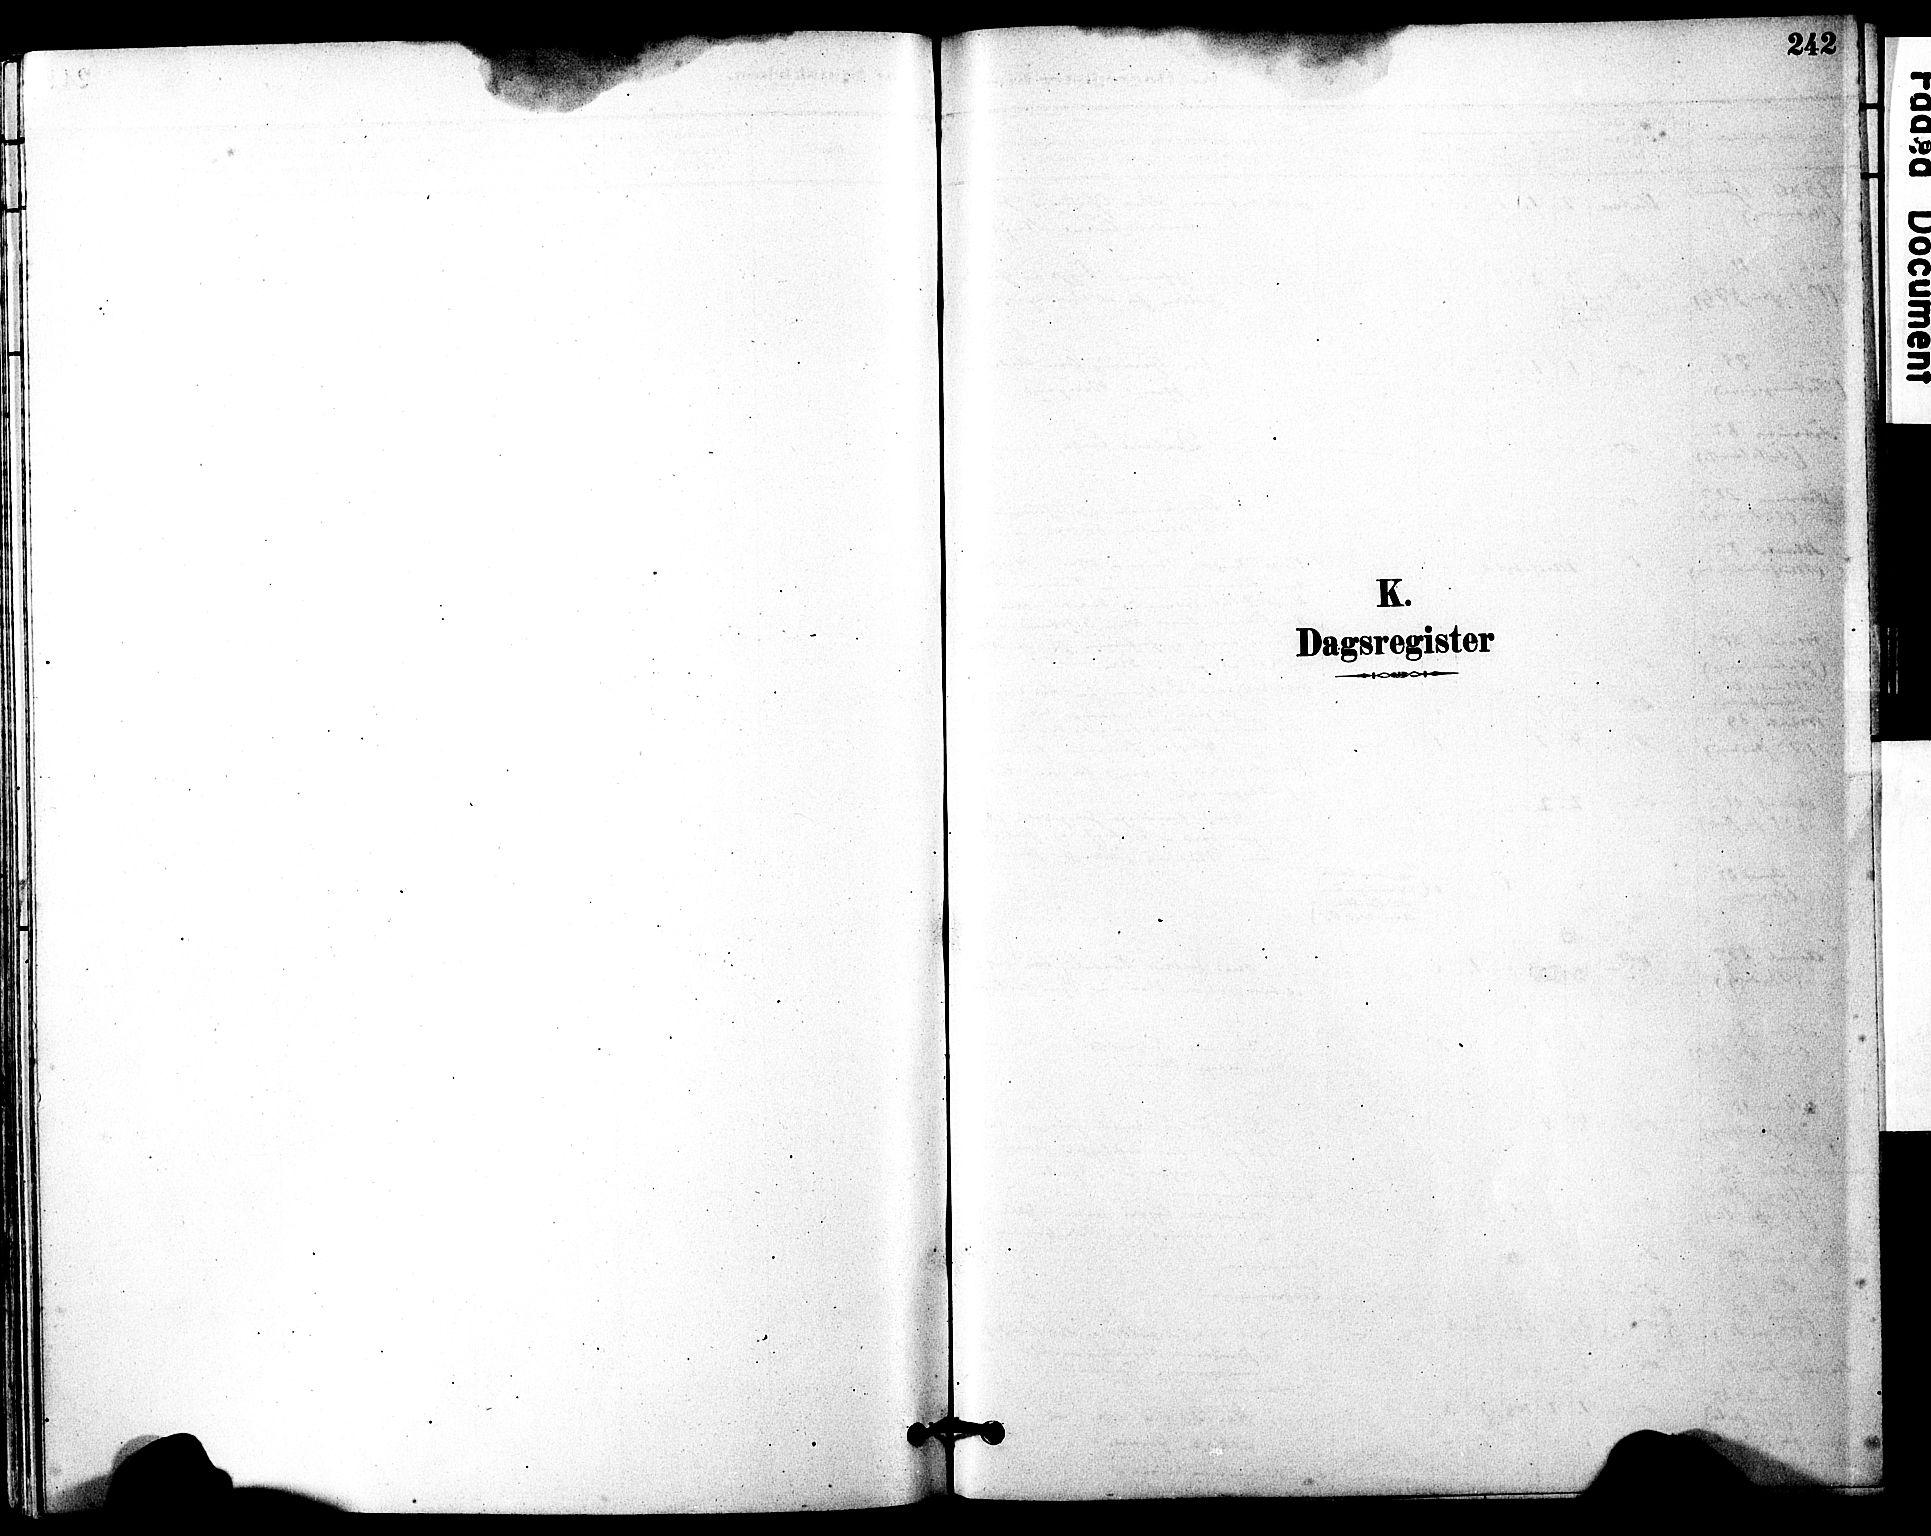 SAT, Ministerialprotokoller, klokkerbøker og fødselsregistre - Møre og Romsdal, 525/L0374: Ministerialbok nr. 525A04, 1880-1899, s. 242